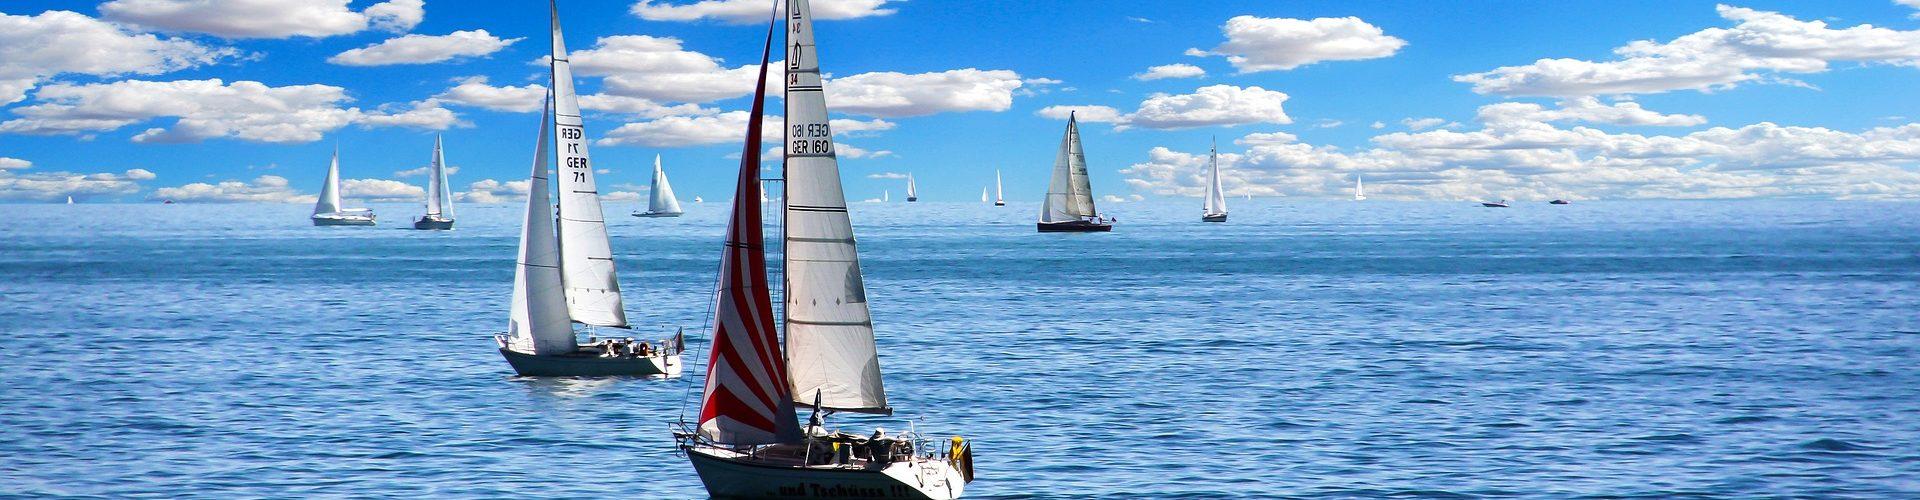 segeln lernen in Telgte segelschein machen in Telgte 1920x500 - Segeln lernen in Telgte